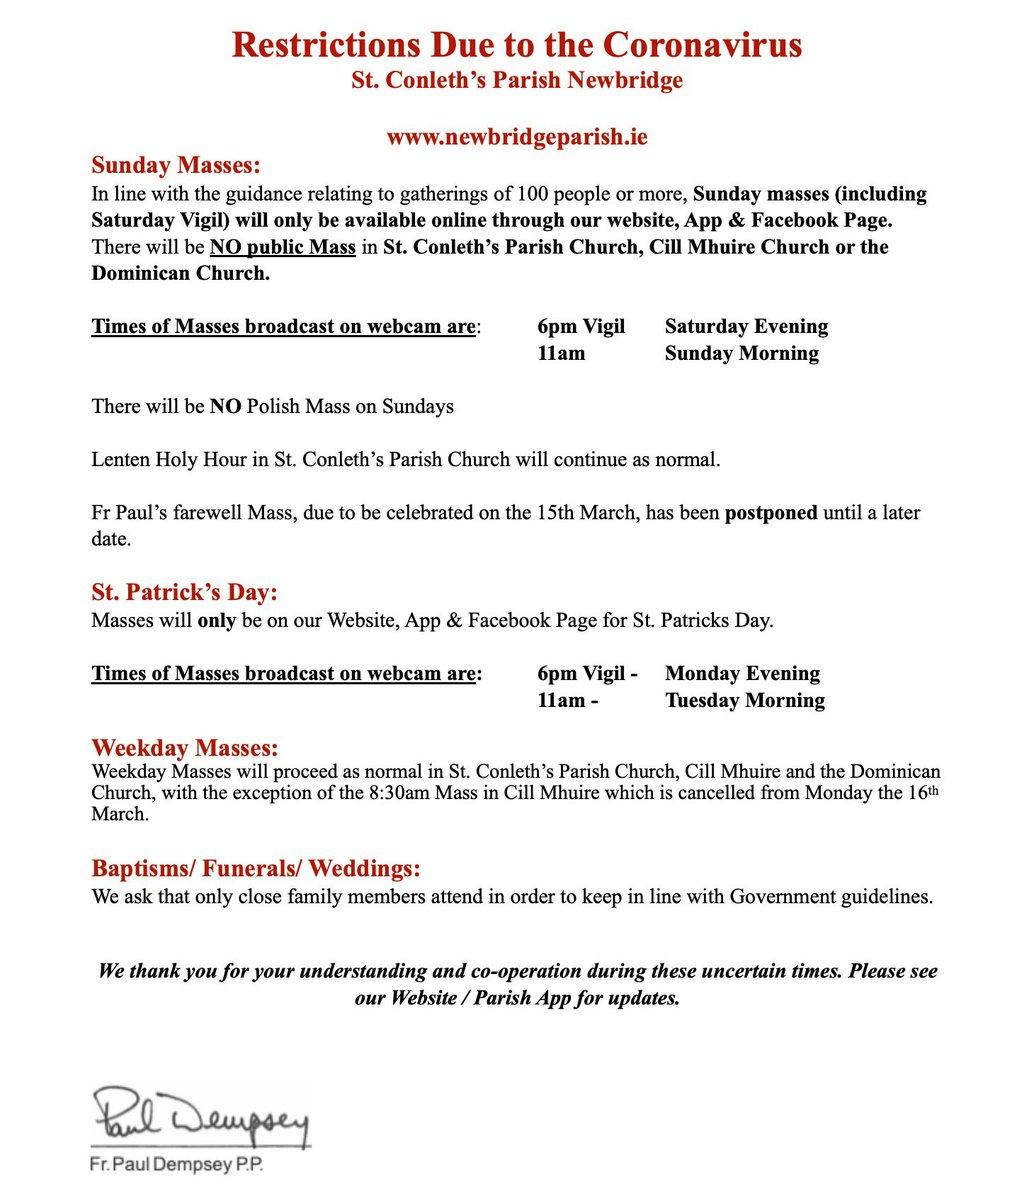 Hotels in Newbridge. Book your hotel now! - brighten-up.uk